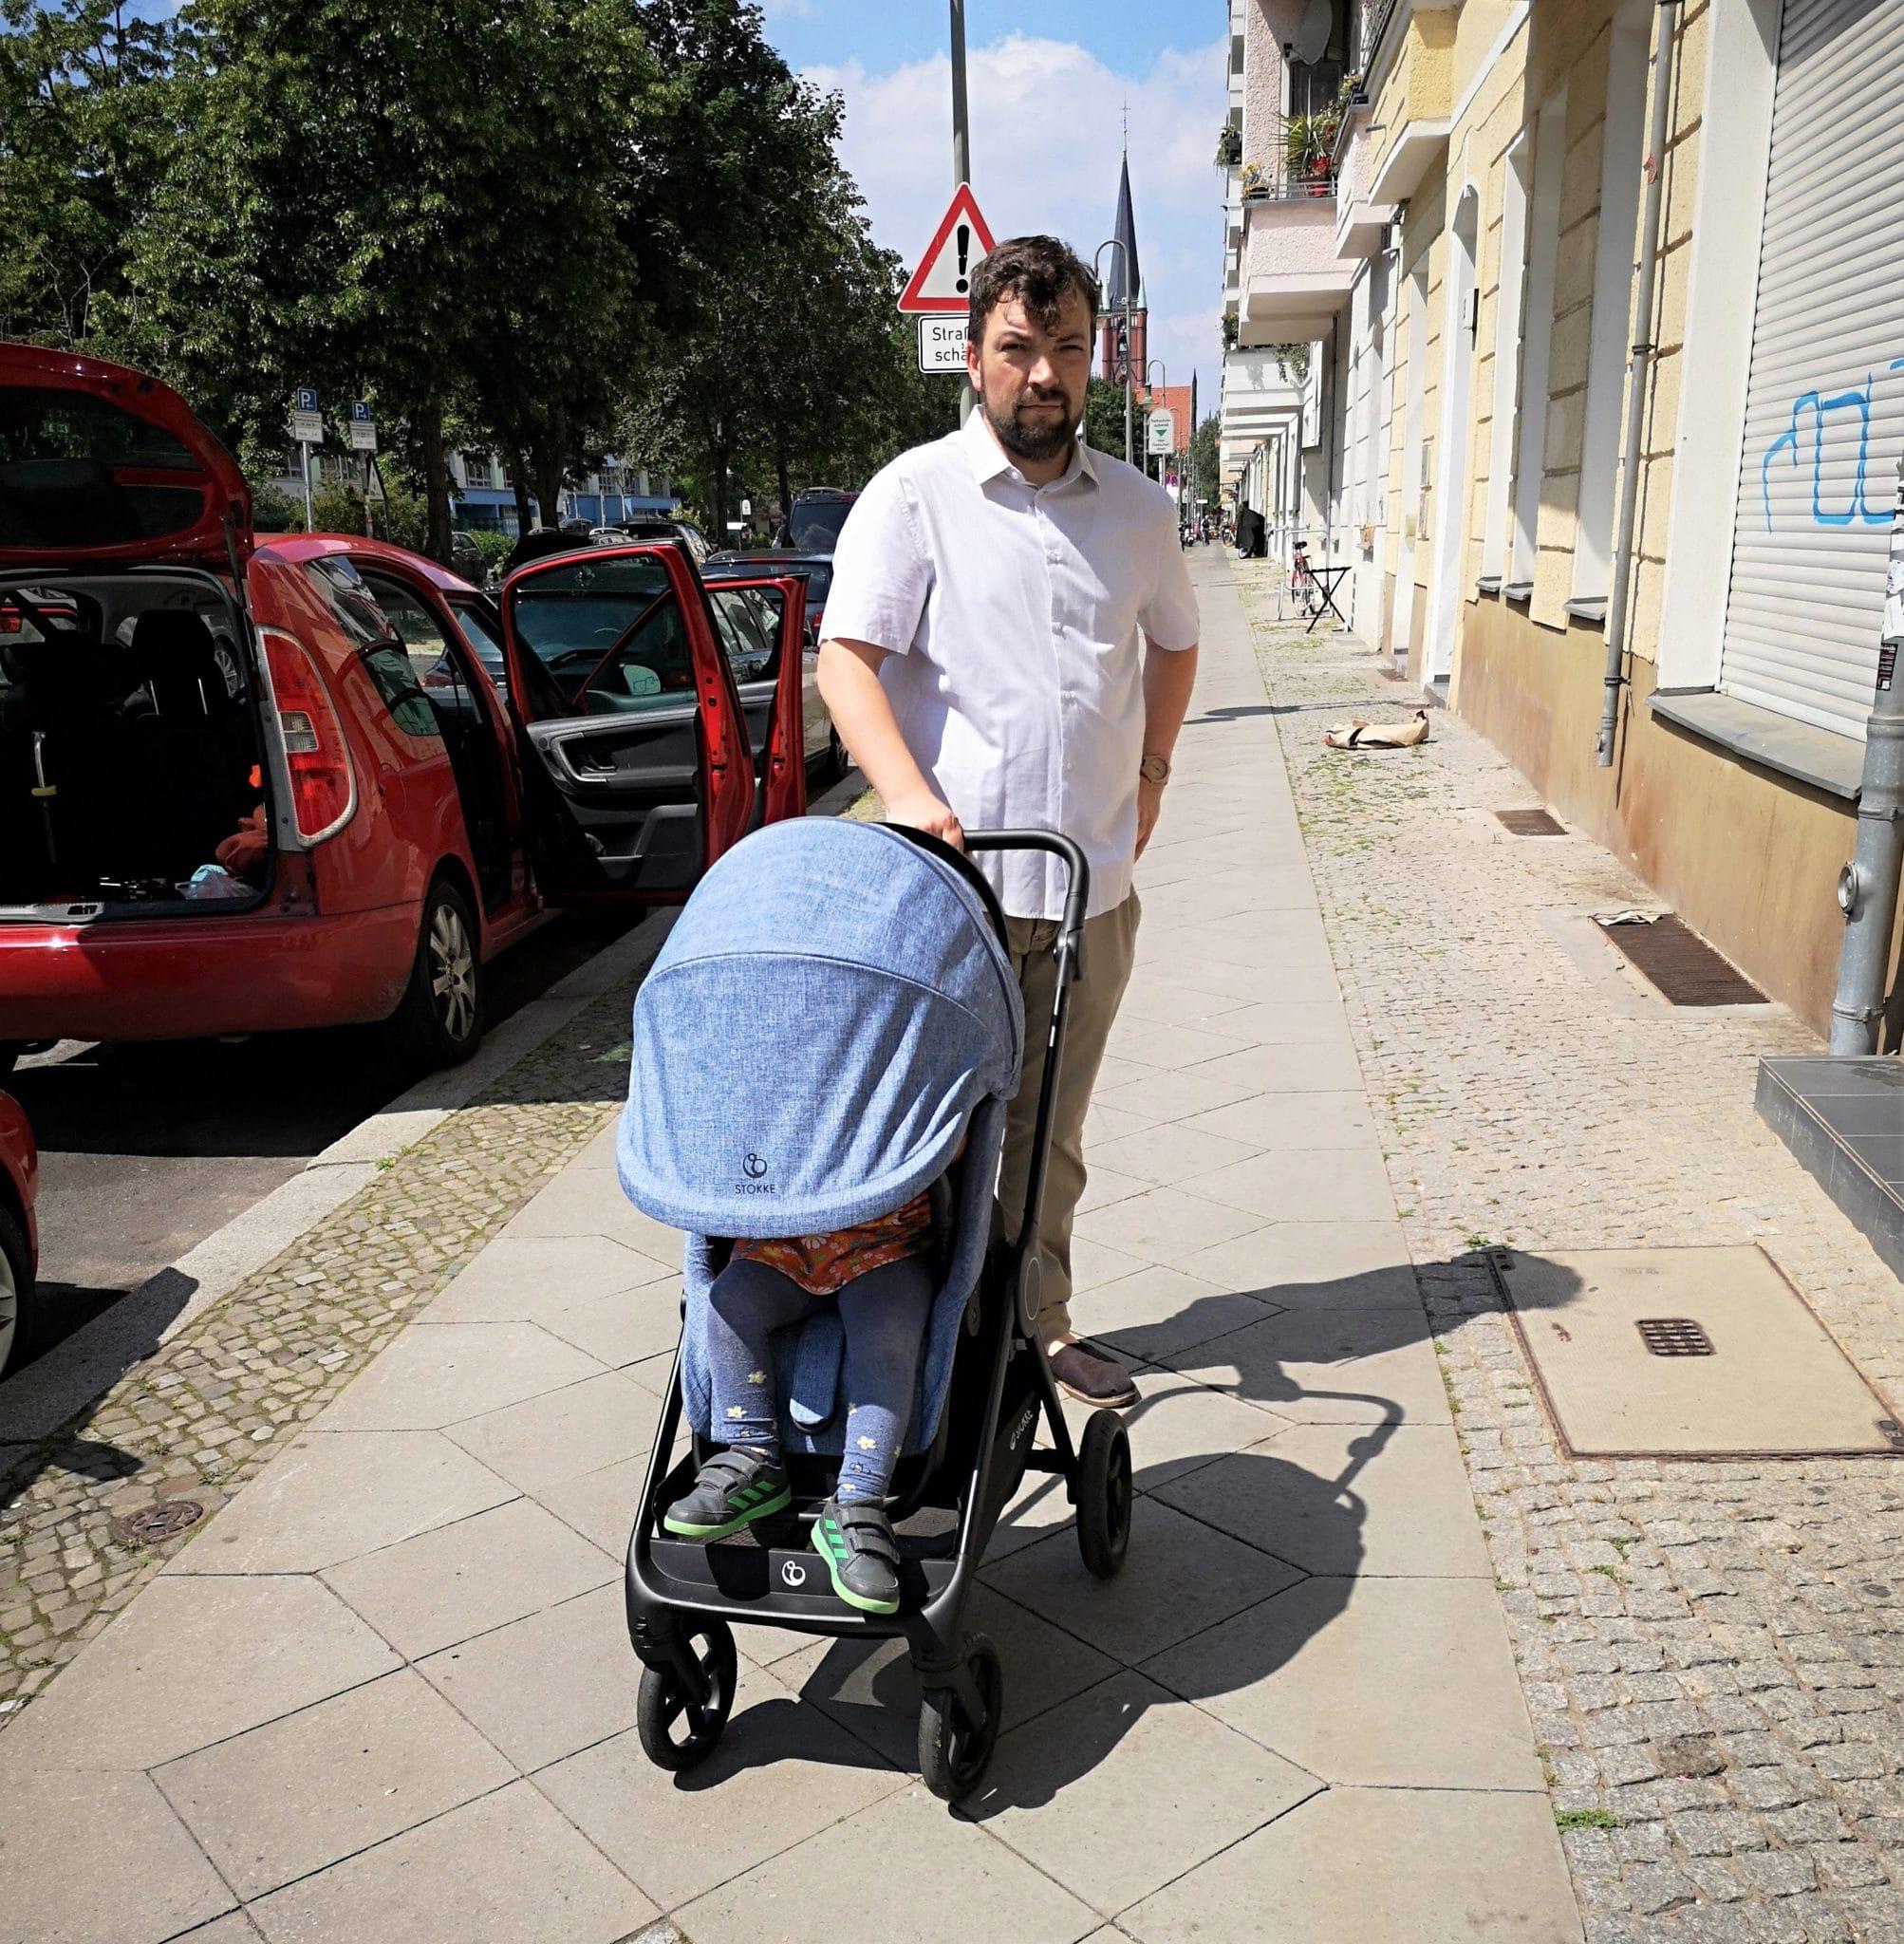 Ein Mann schiebt einen Kinderwagen in hellem blau